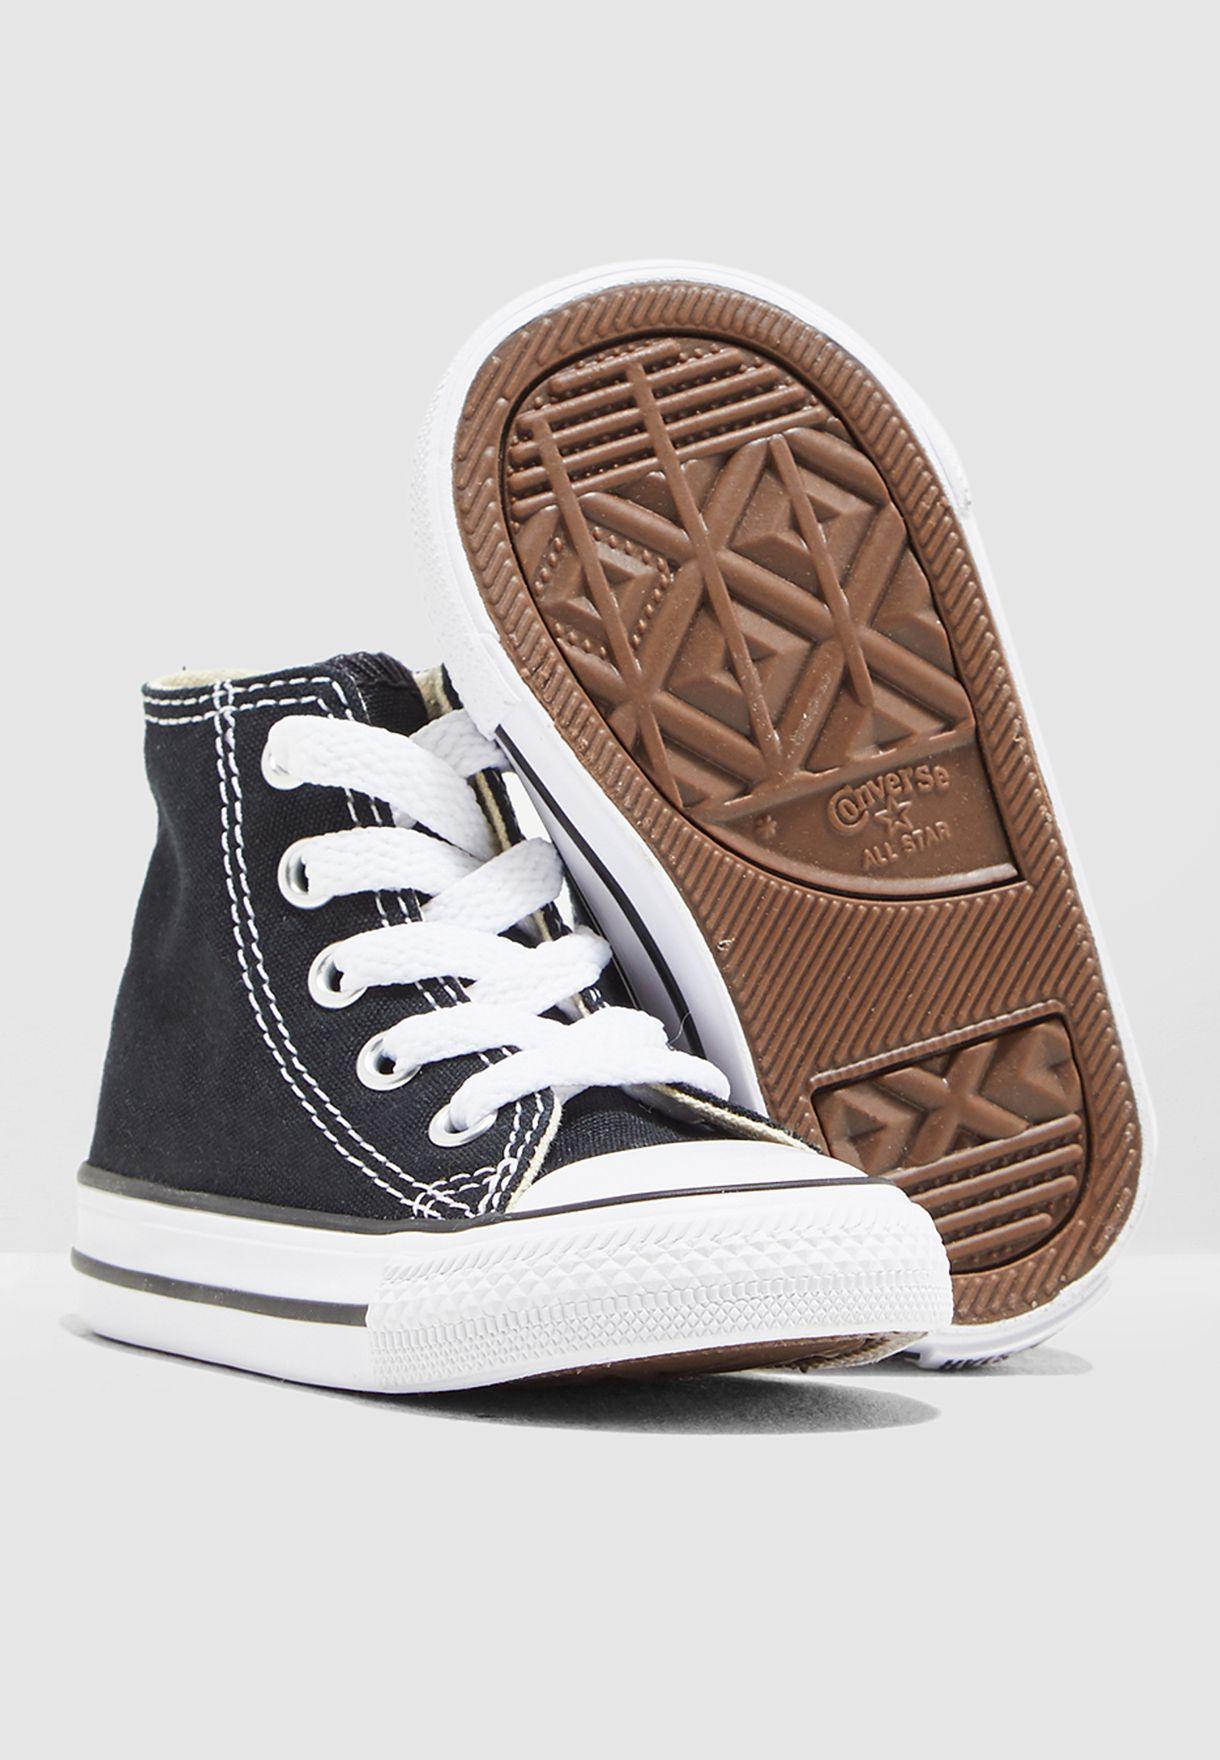 حذاء تشك تيلور اول ستار كور